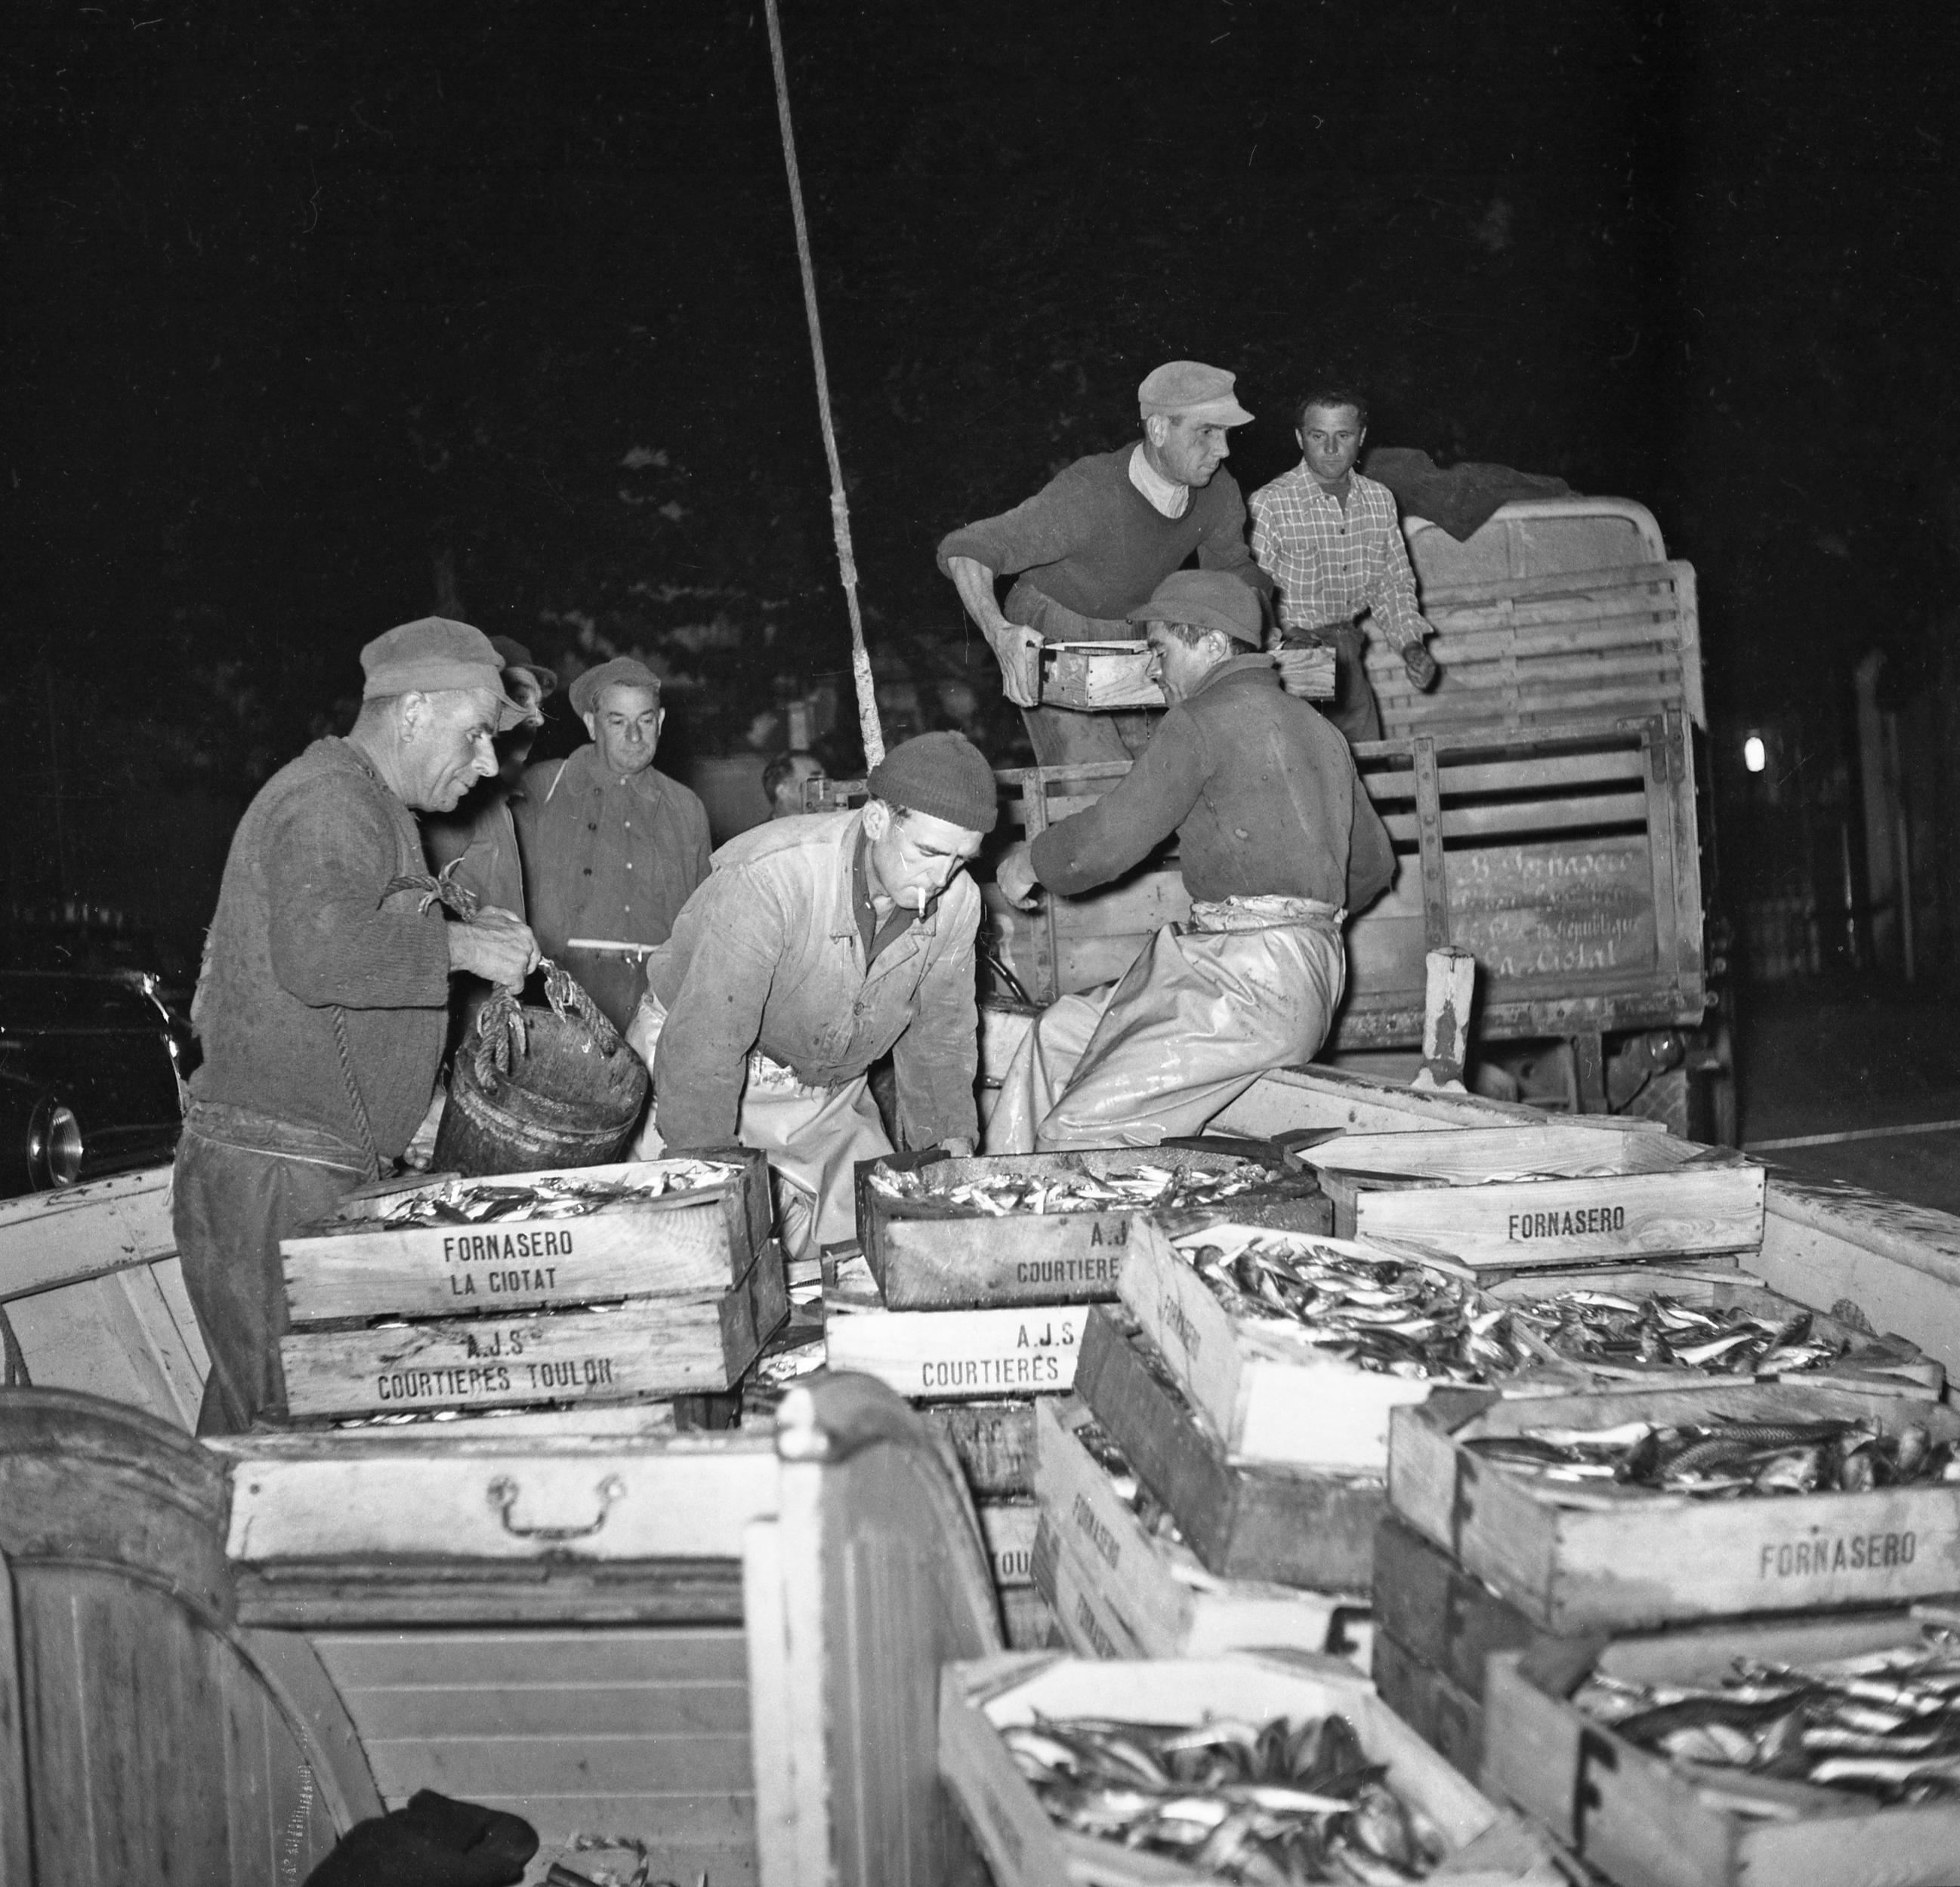 27 Fi 3045 - Monsieur Fornasero et ses pêcheurs déchargent des cagettes pleines  de sardines. La pêche a été bonne ! 19/08/1954